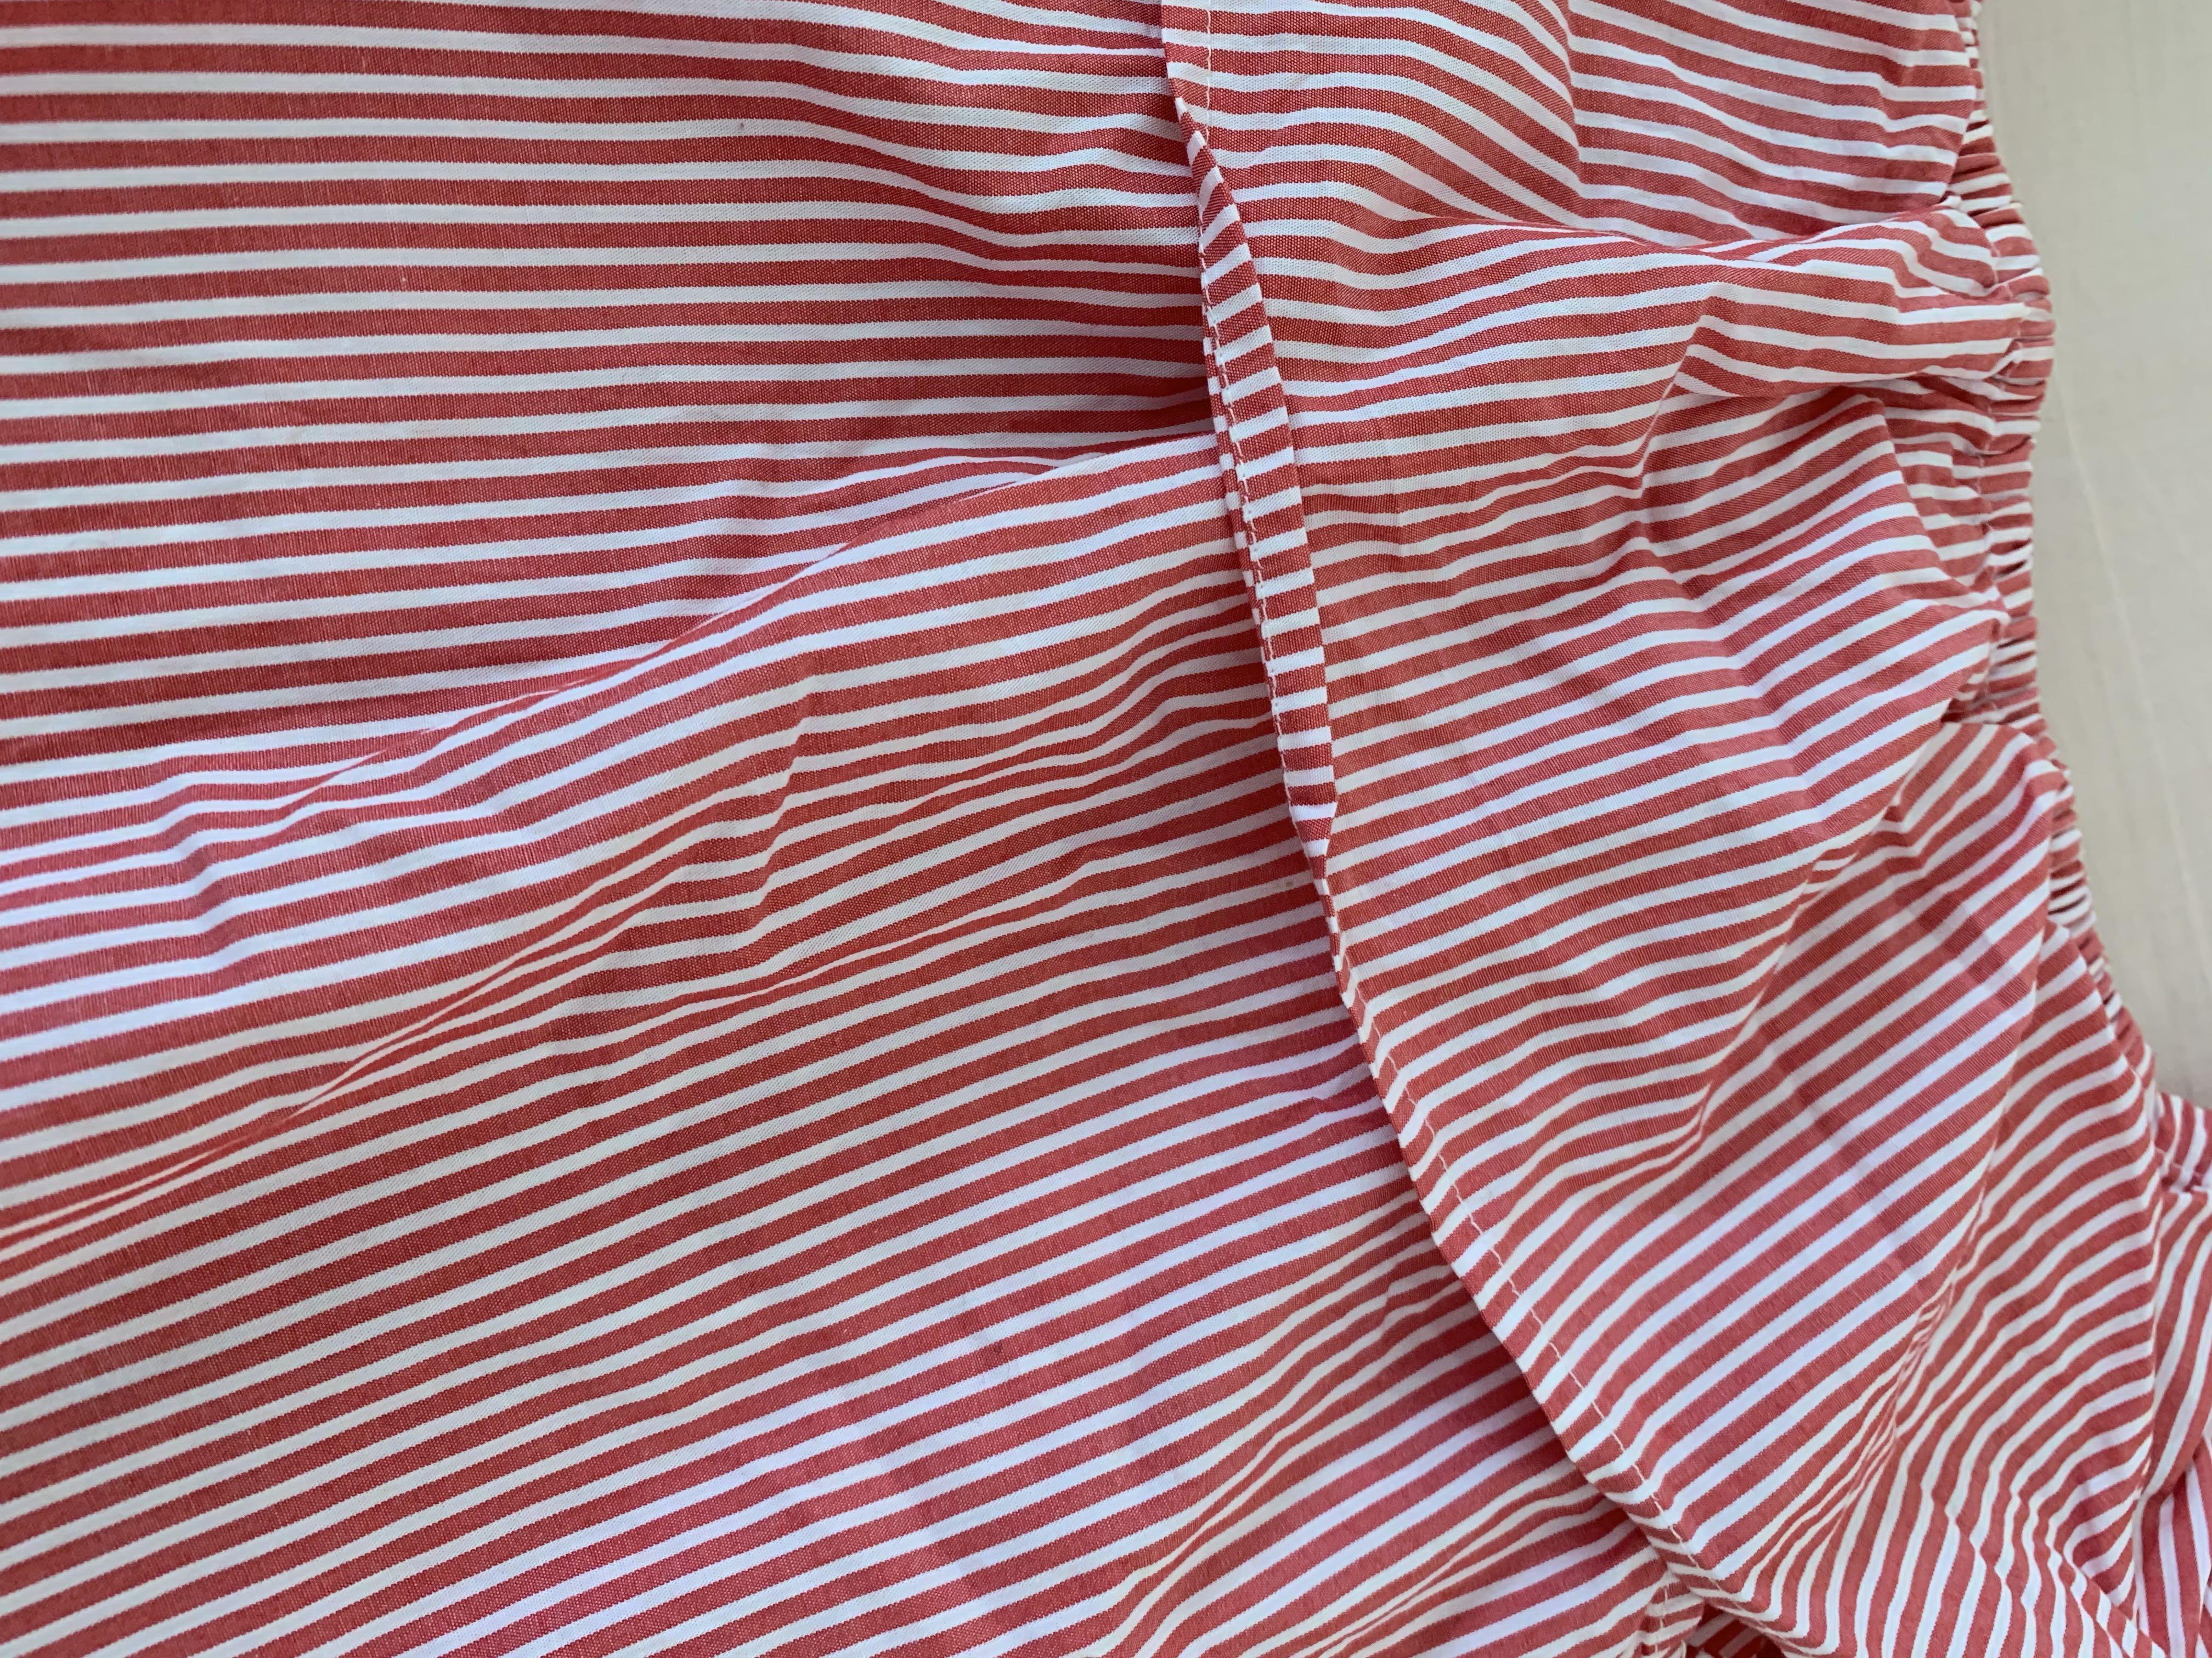 H&M紅白條紋露肩上衣✨